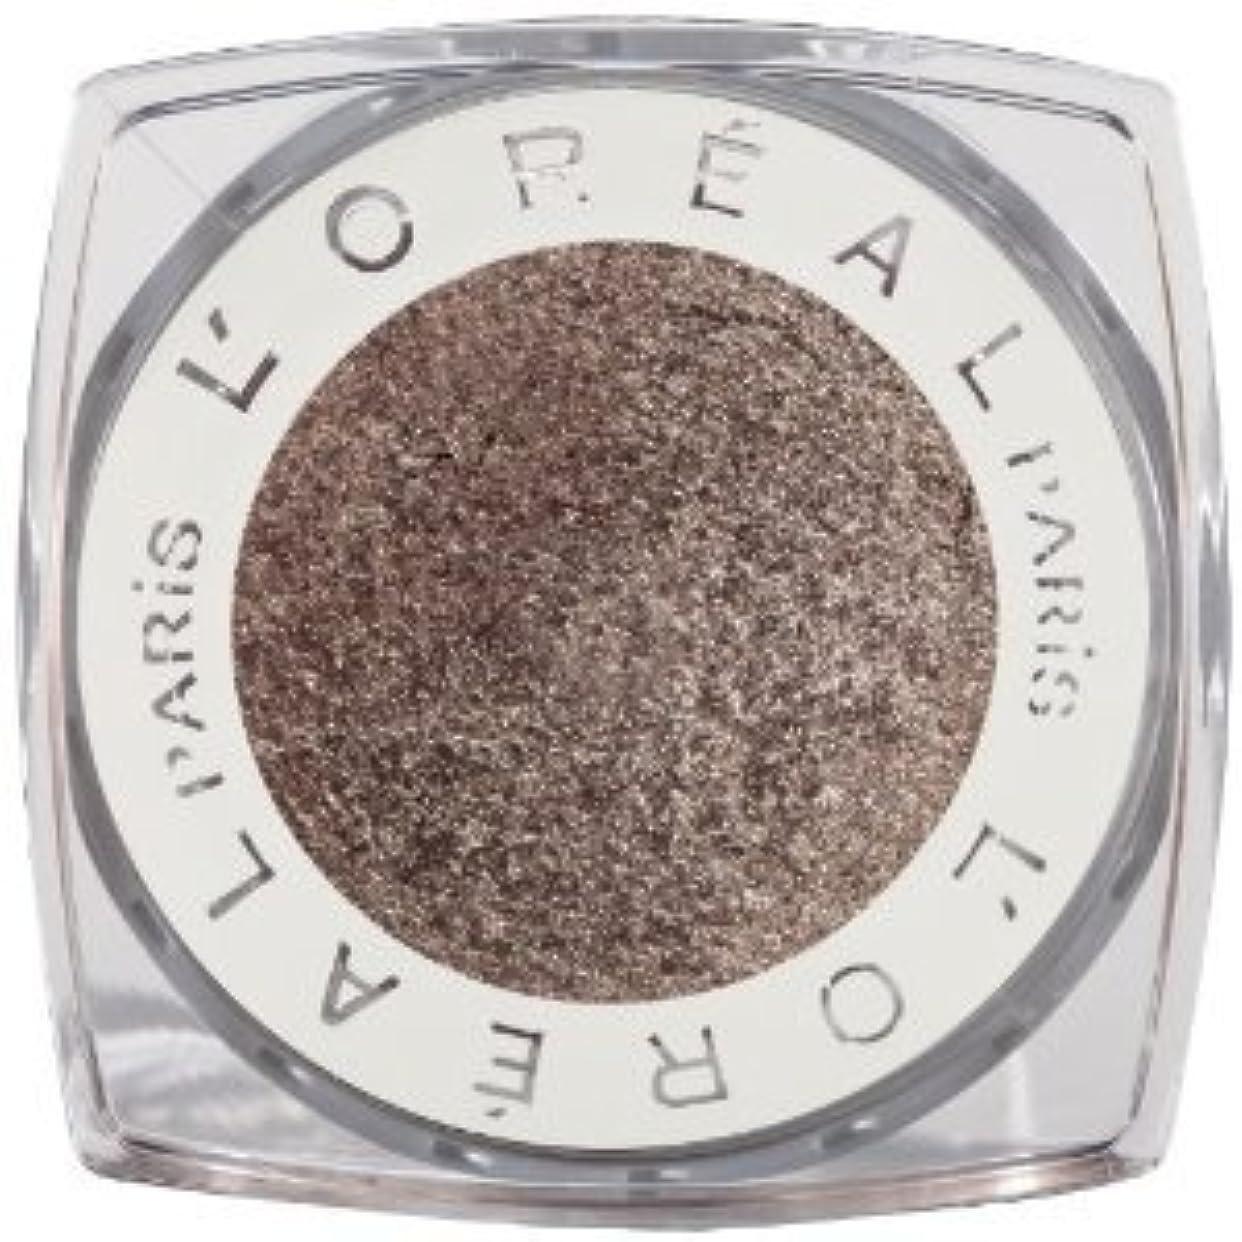 液体大宇宙優勢L'Oreal Infallible Eye Shadow Bronzed Taupe (Pack of 2) (並行輸入品)